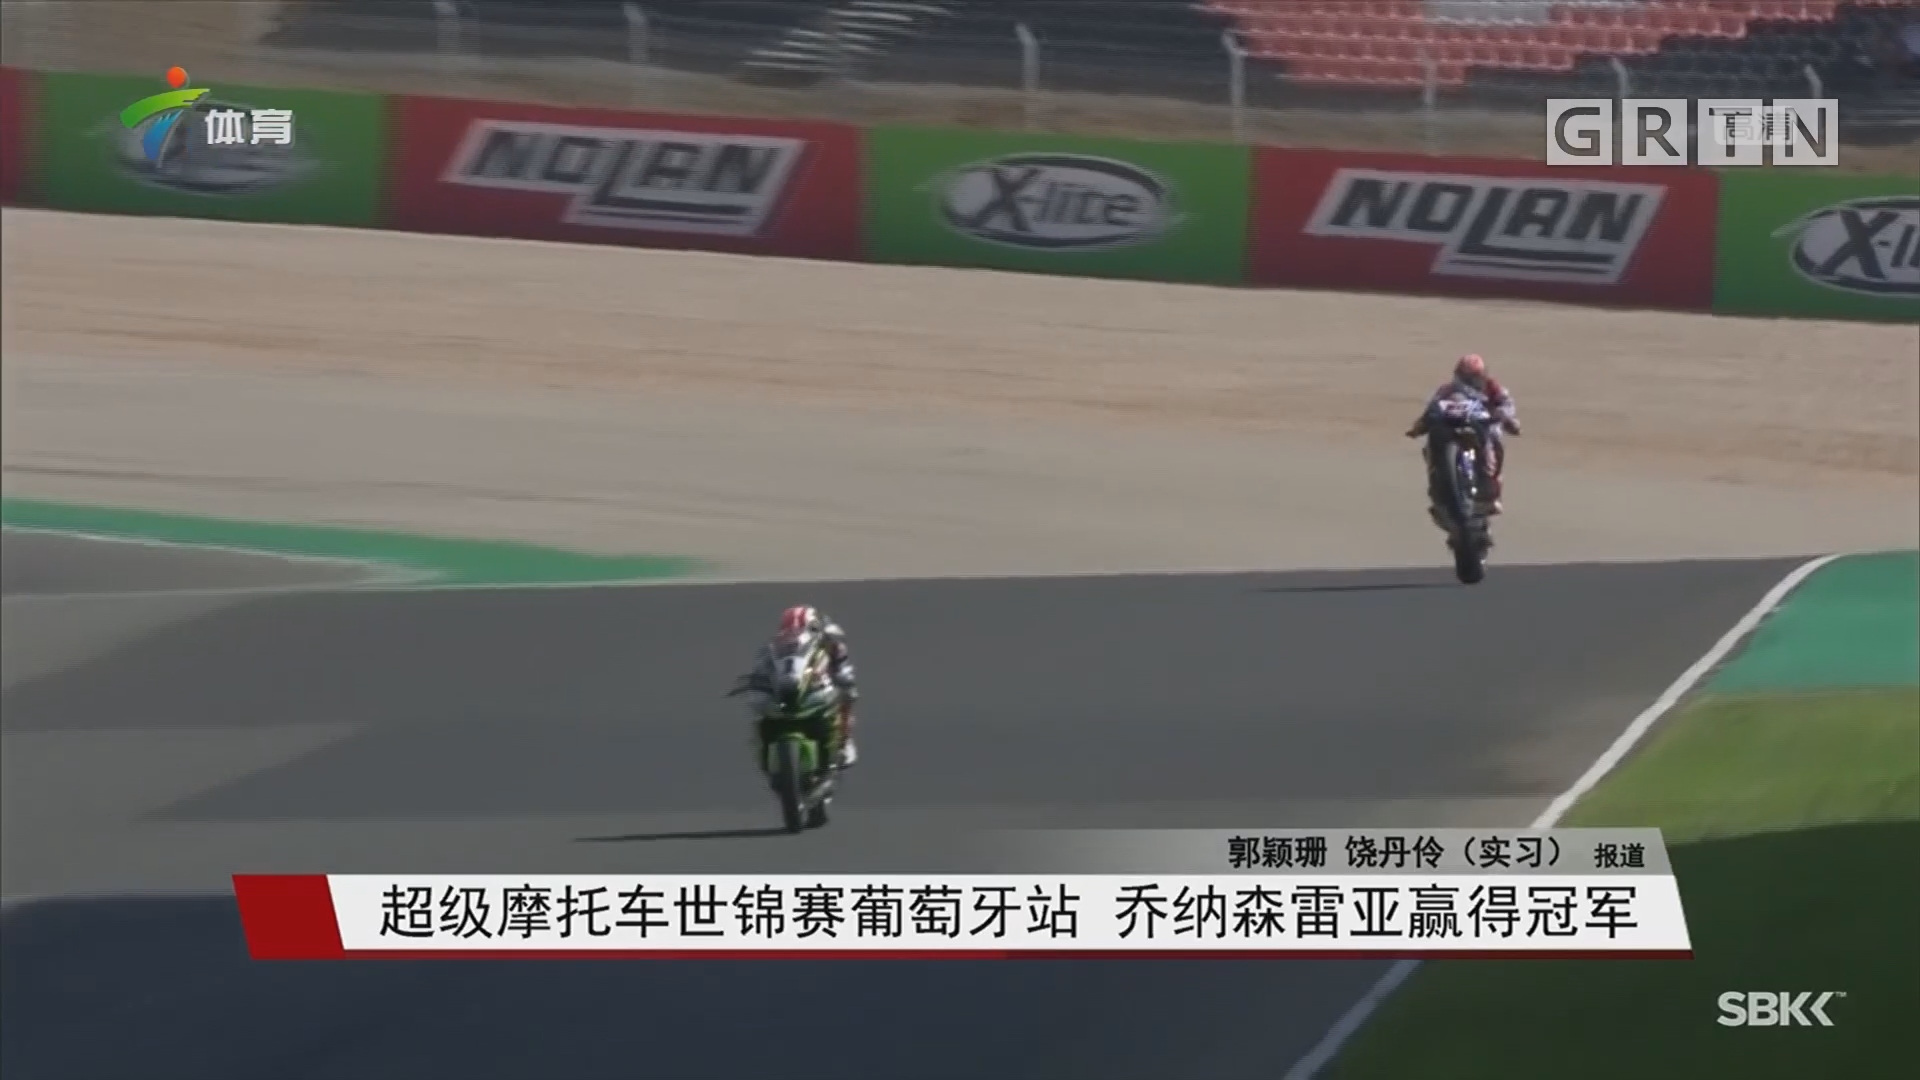 超级摩托车世锦赛葡萄牙站 乔纳森雷亚赢得冠军